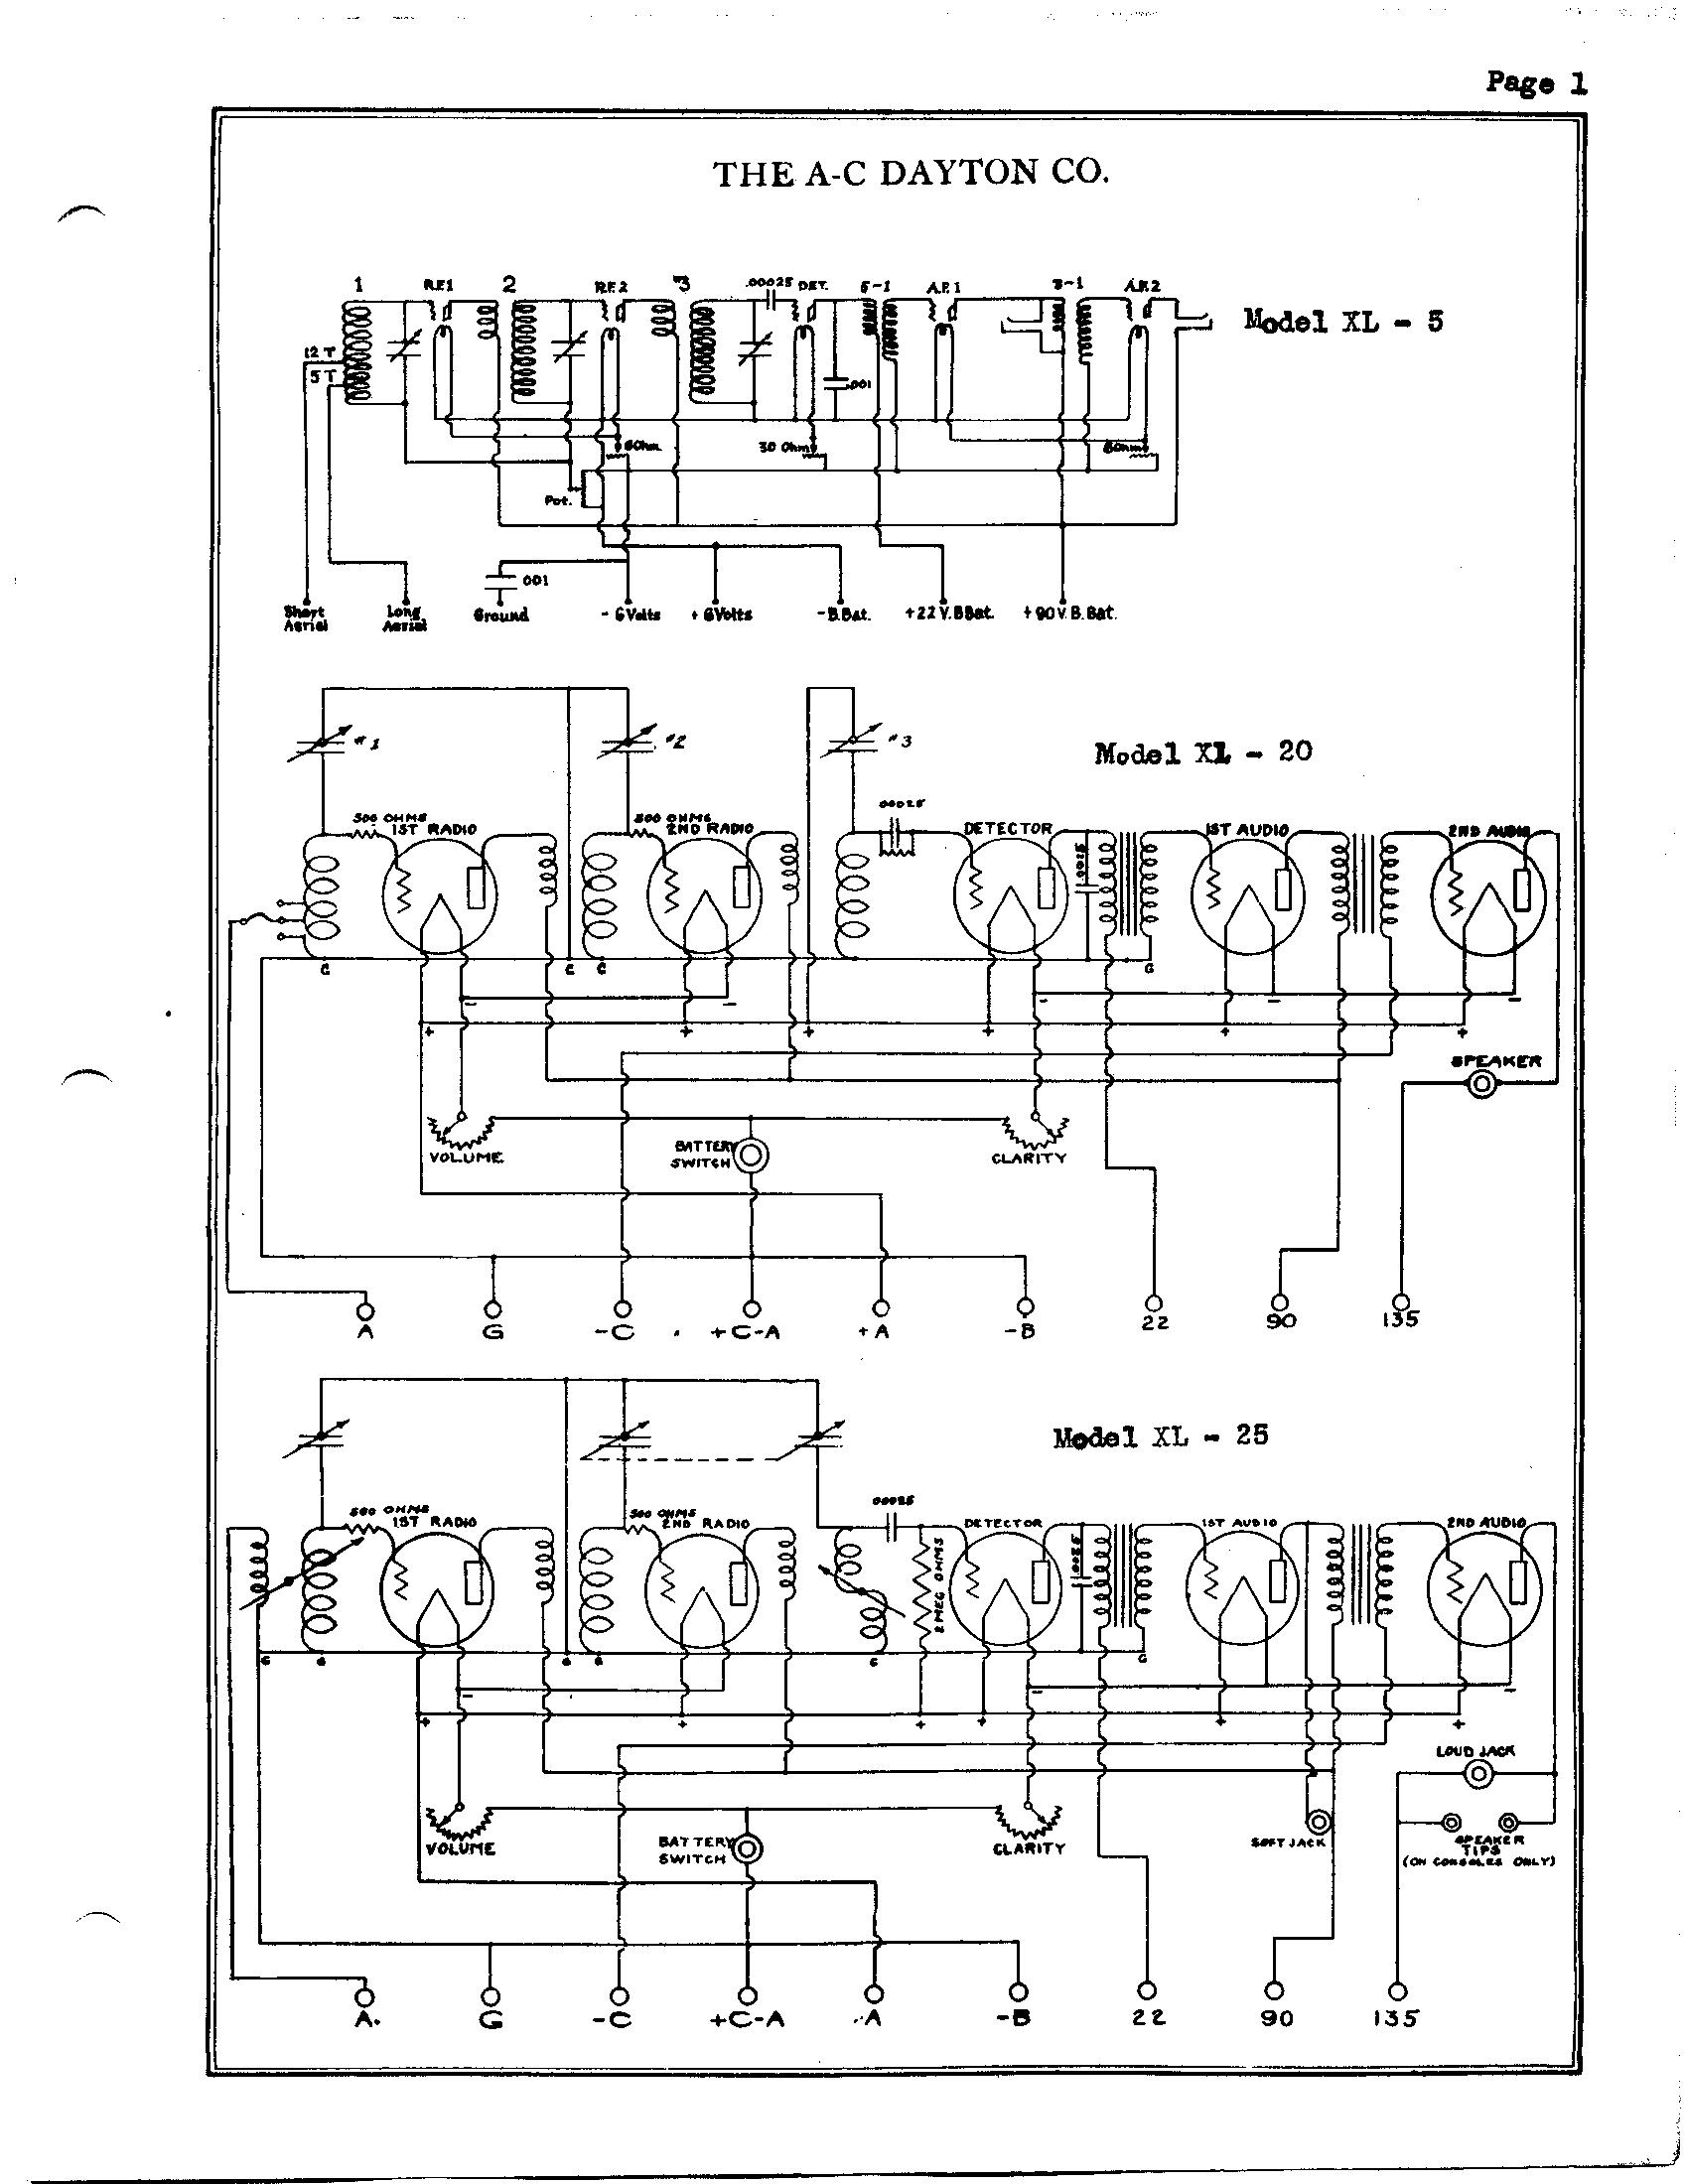 a-c dayton company xl20 schematic